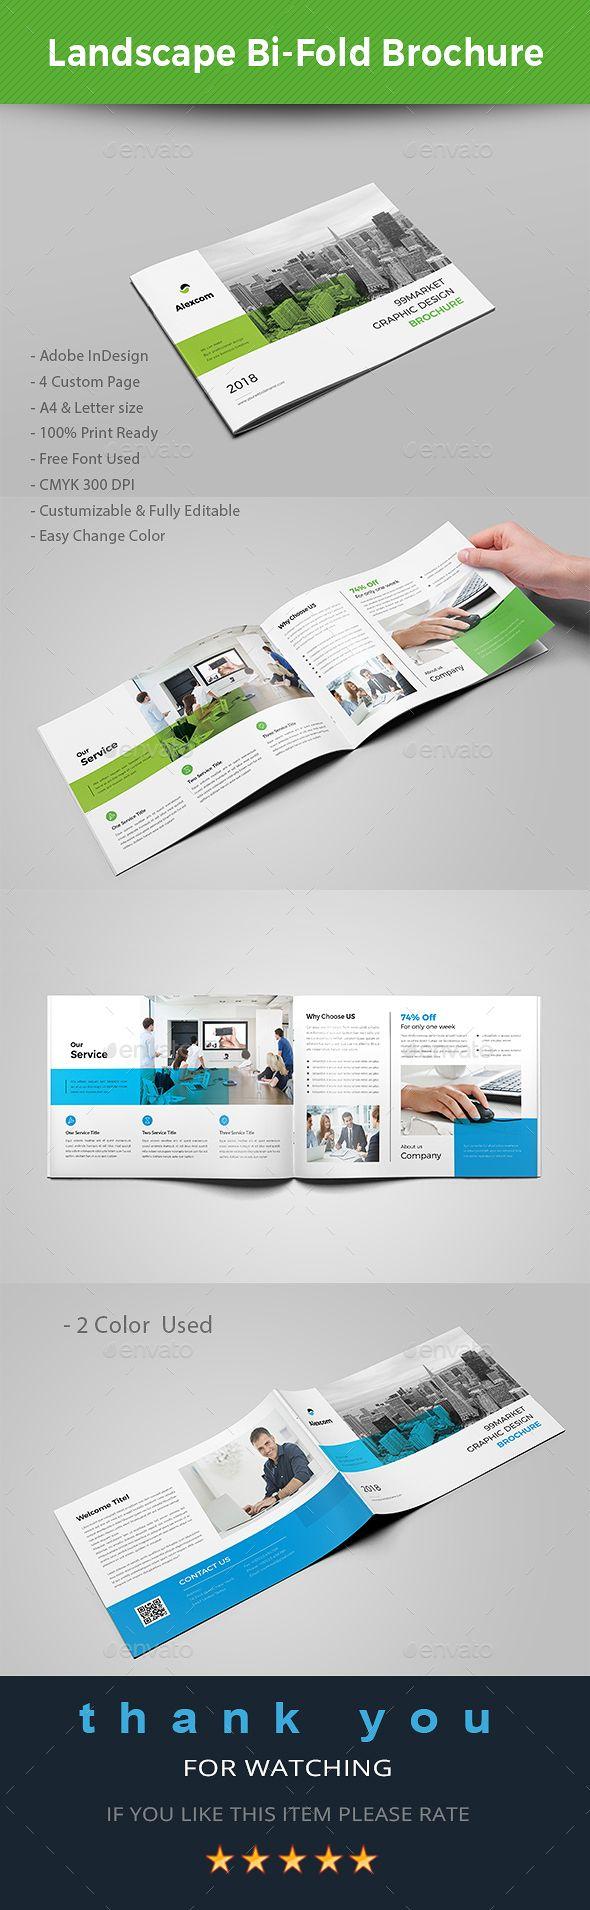 Landscape Bi-fold Brochure Template InDesign INDD - A4 & US Letter Size